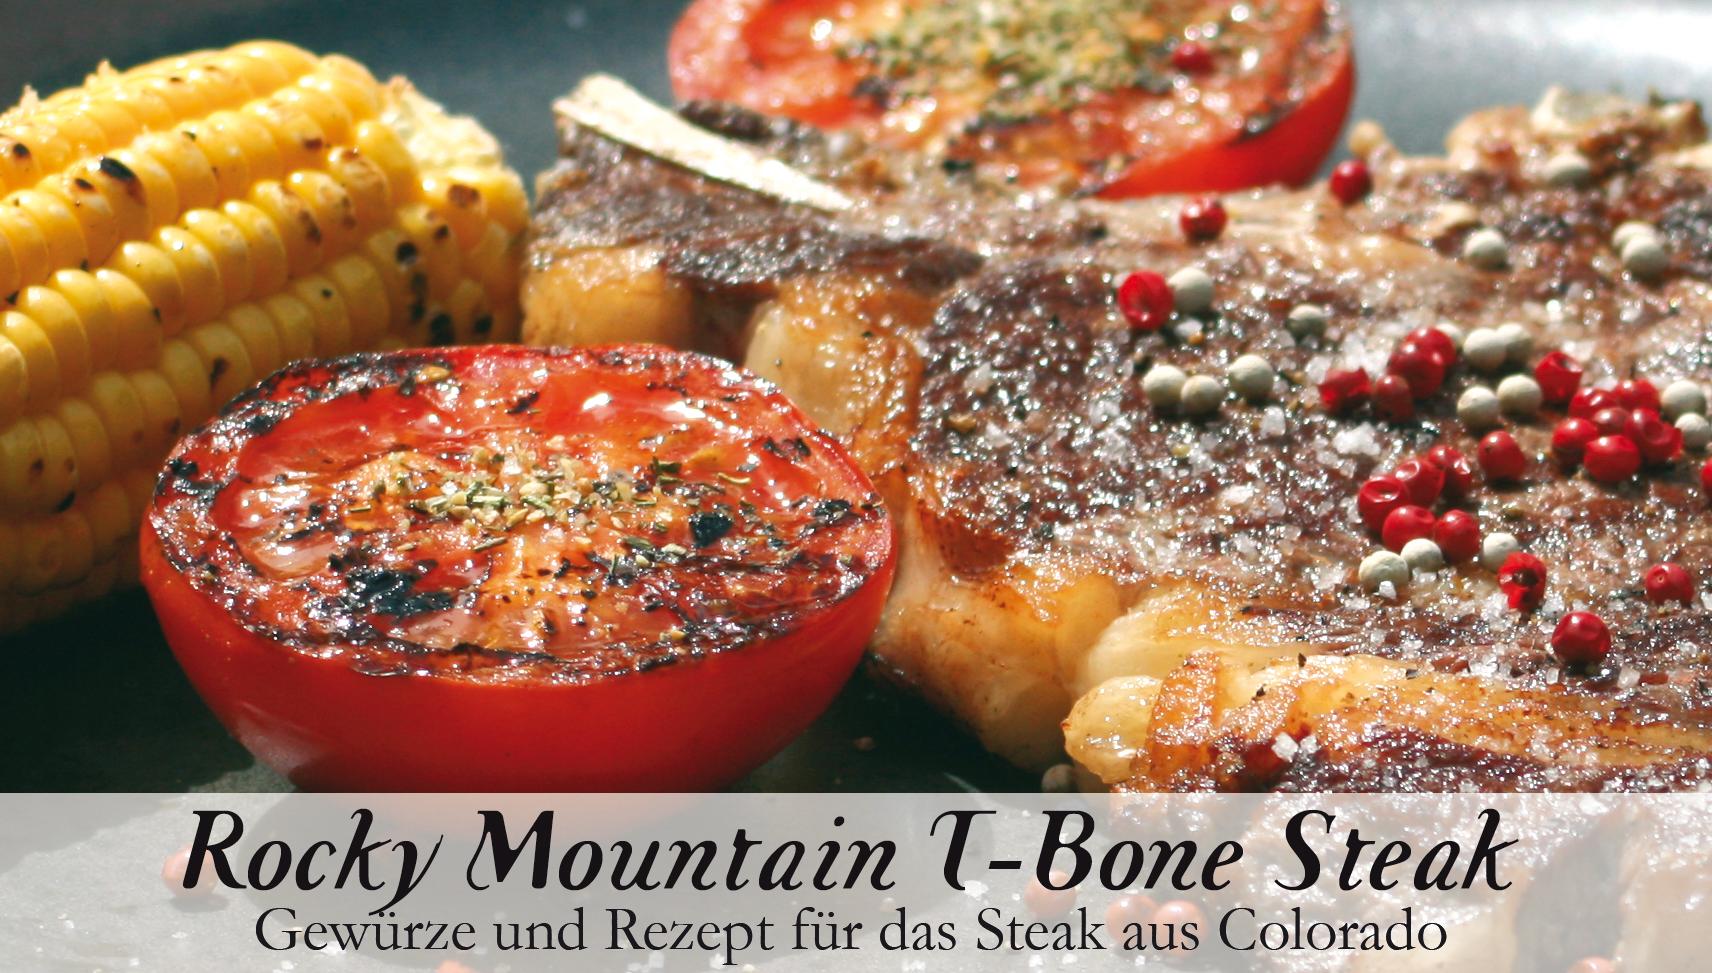 Rocky Mountain T-Bone Steak